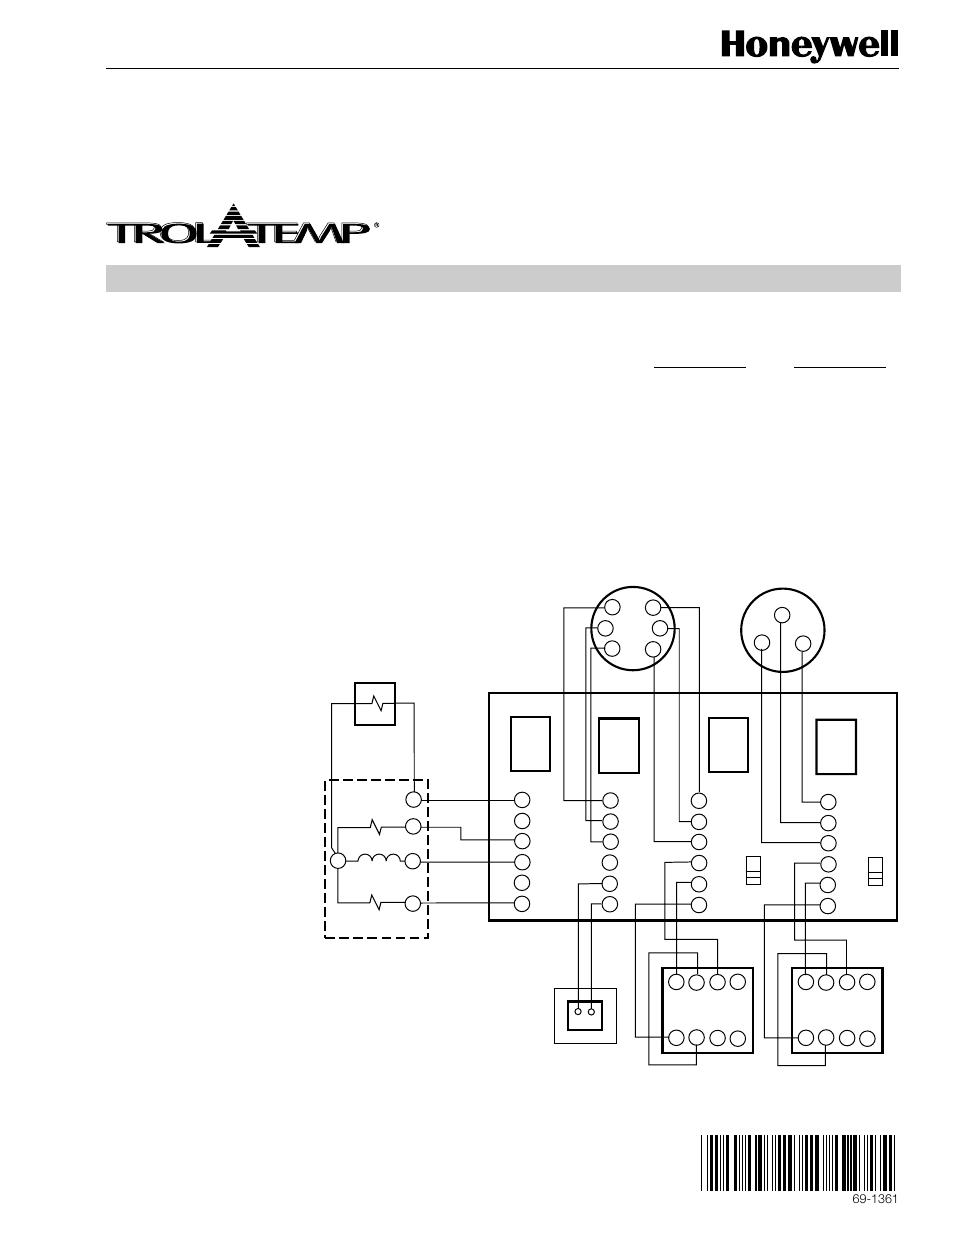 Honeywell Th8320wf Wiring Diagram Honeywell TH8320WF1029